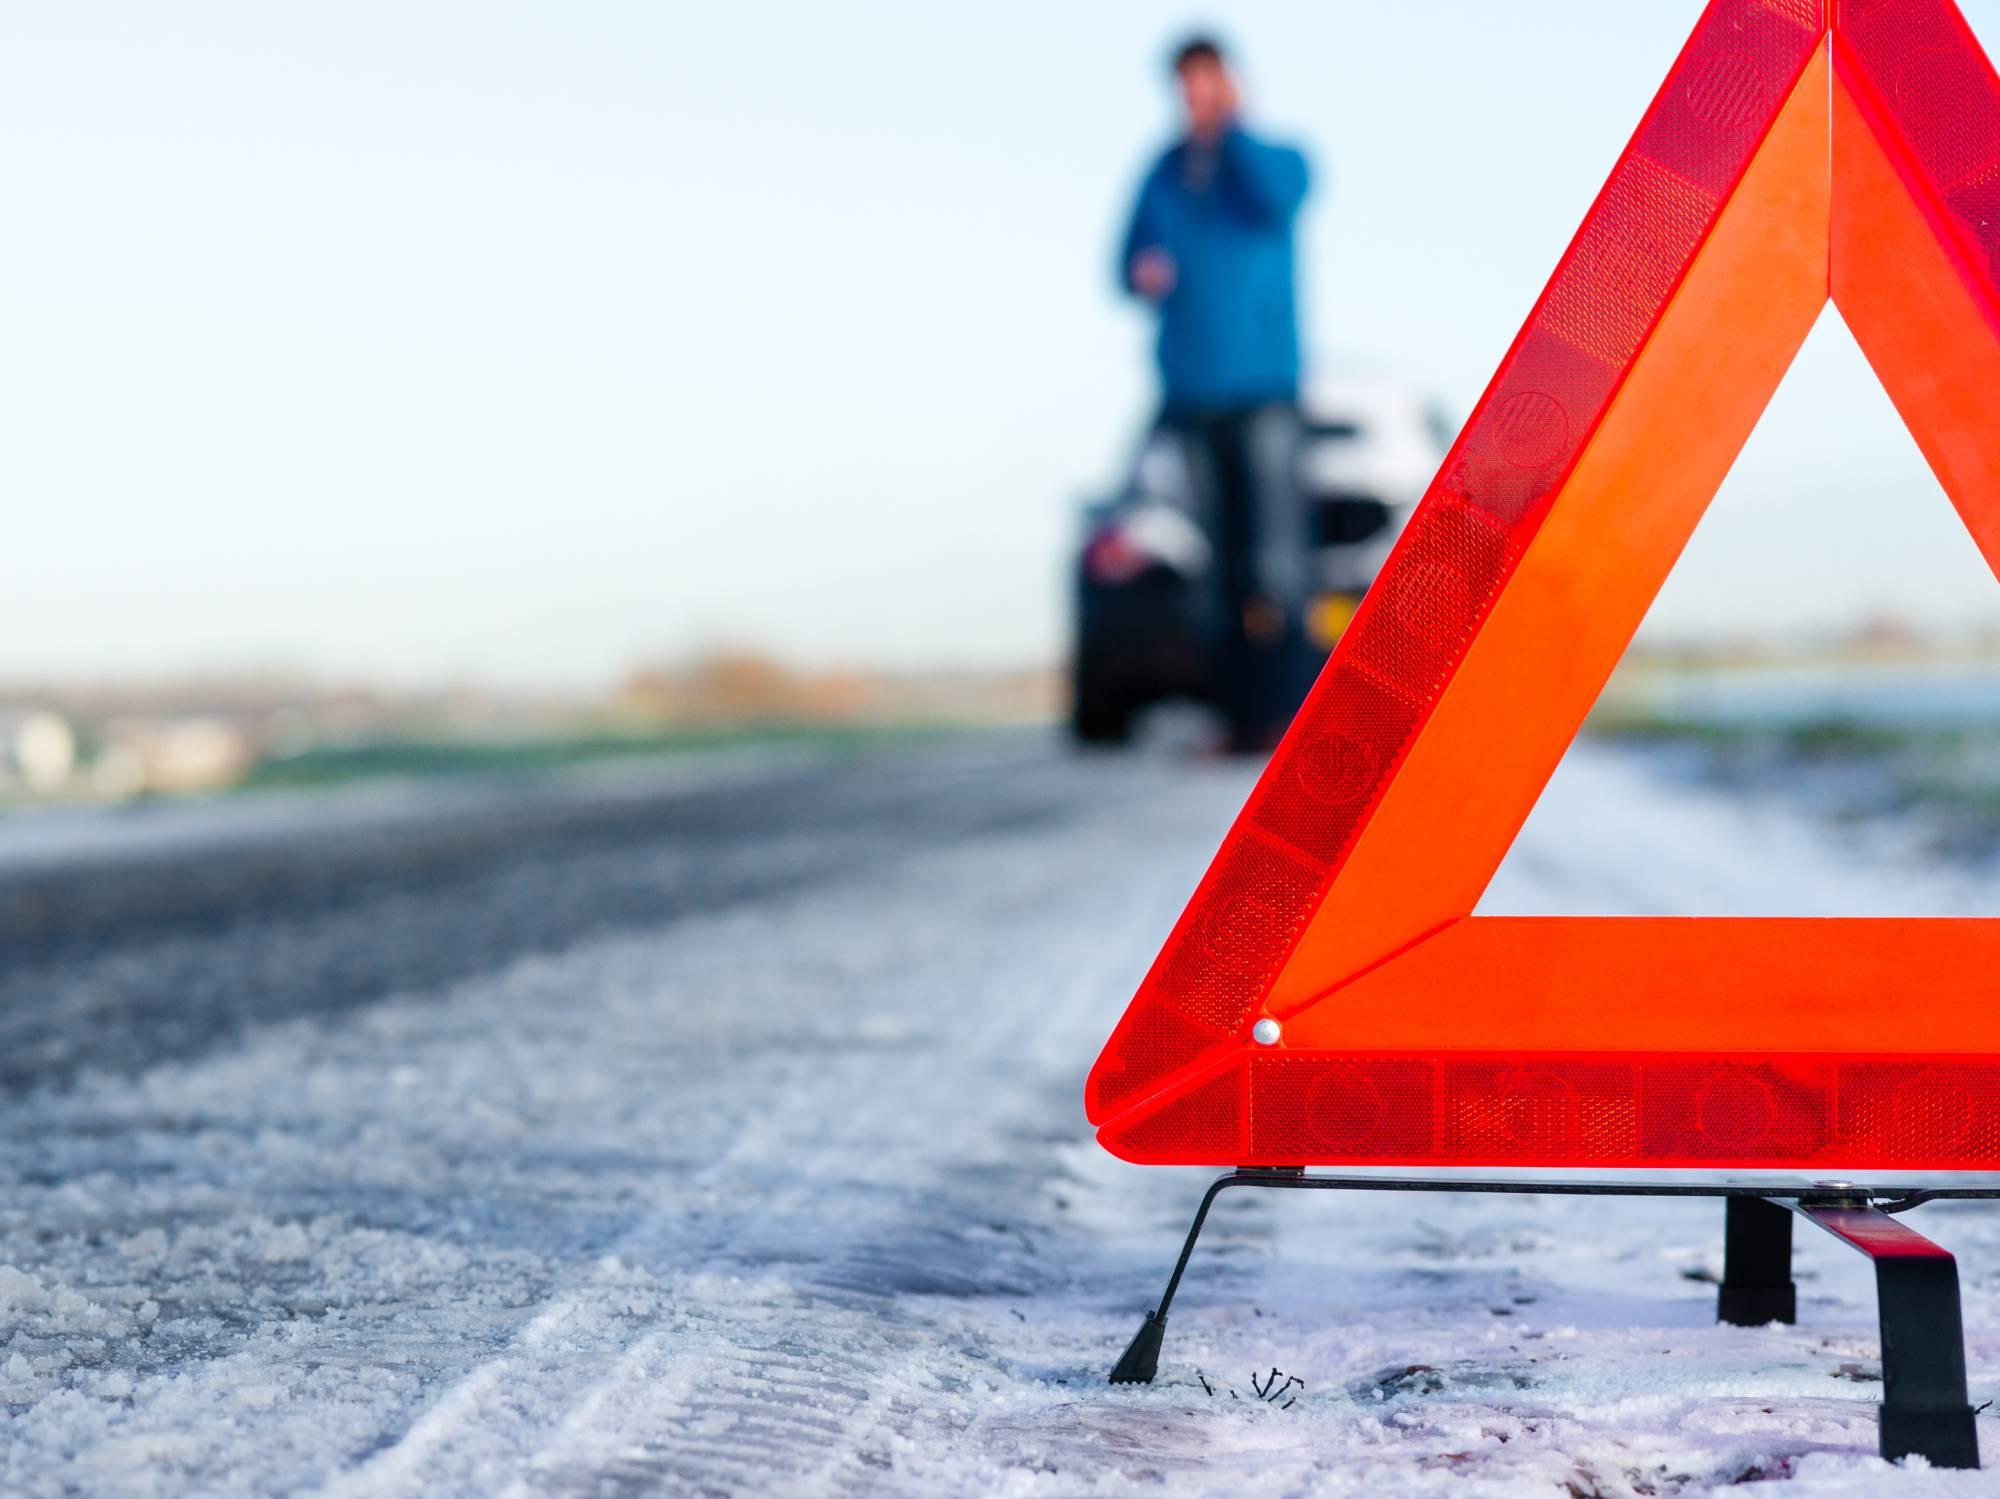 Ловушка европротокола: когда за одну аварию придётся платить дважды и почему потерпевший может ничего не получить